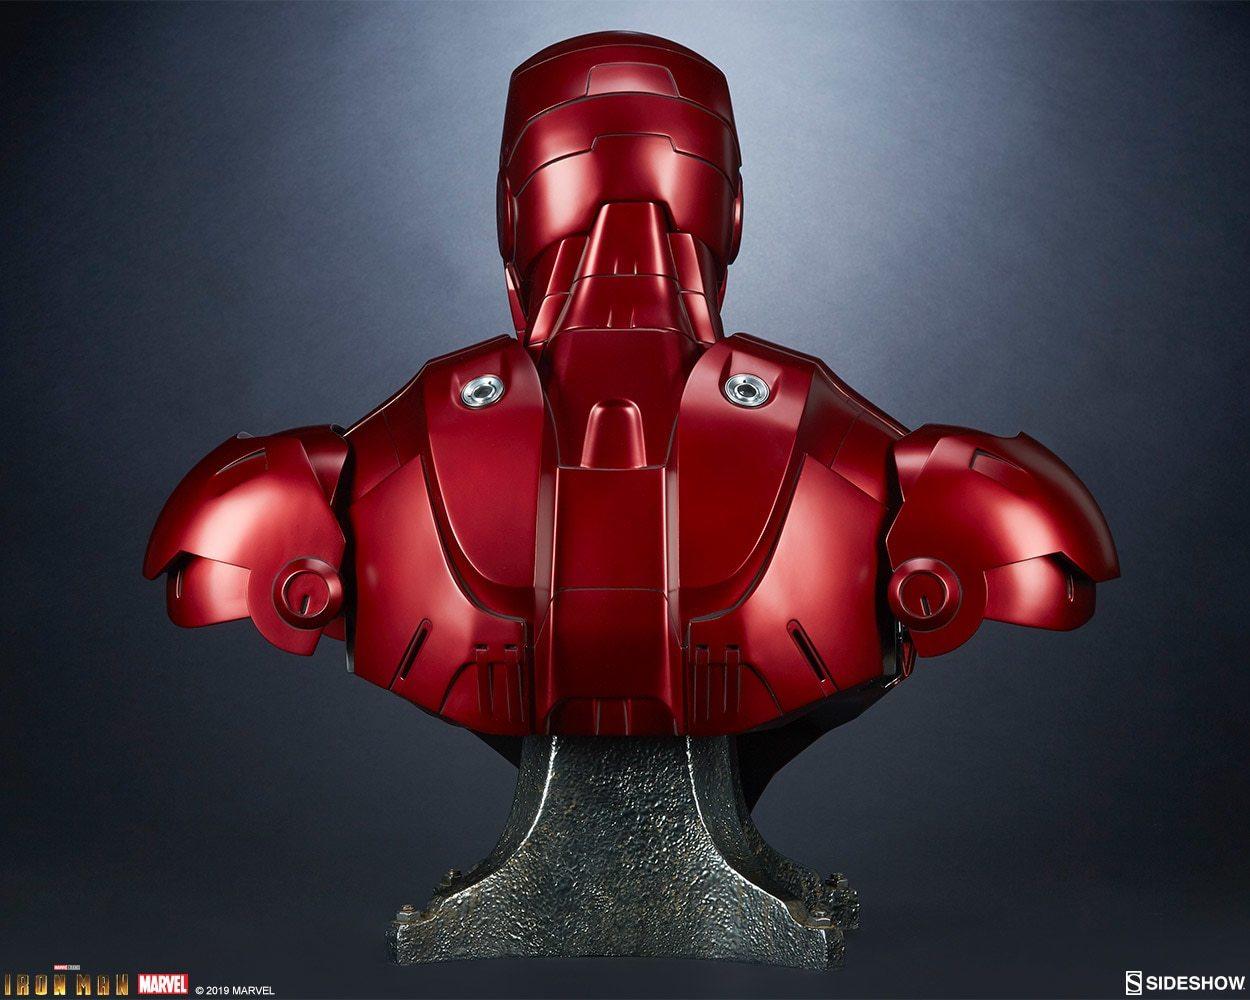 Marvel: Iron Man (Mark III) - Life Size Bust image